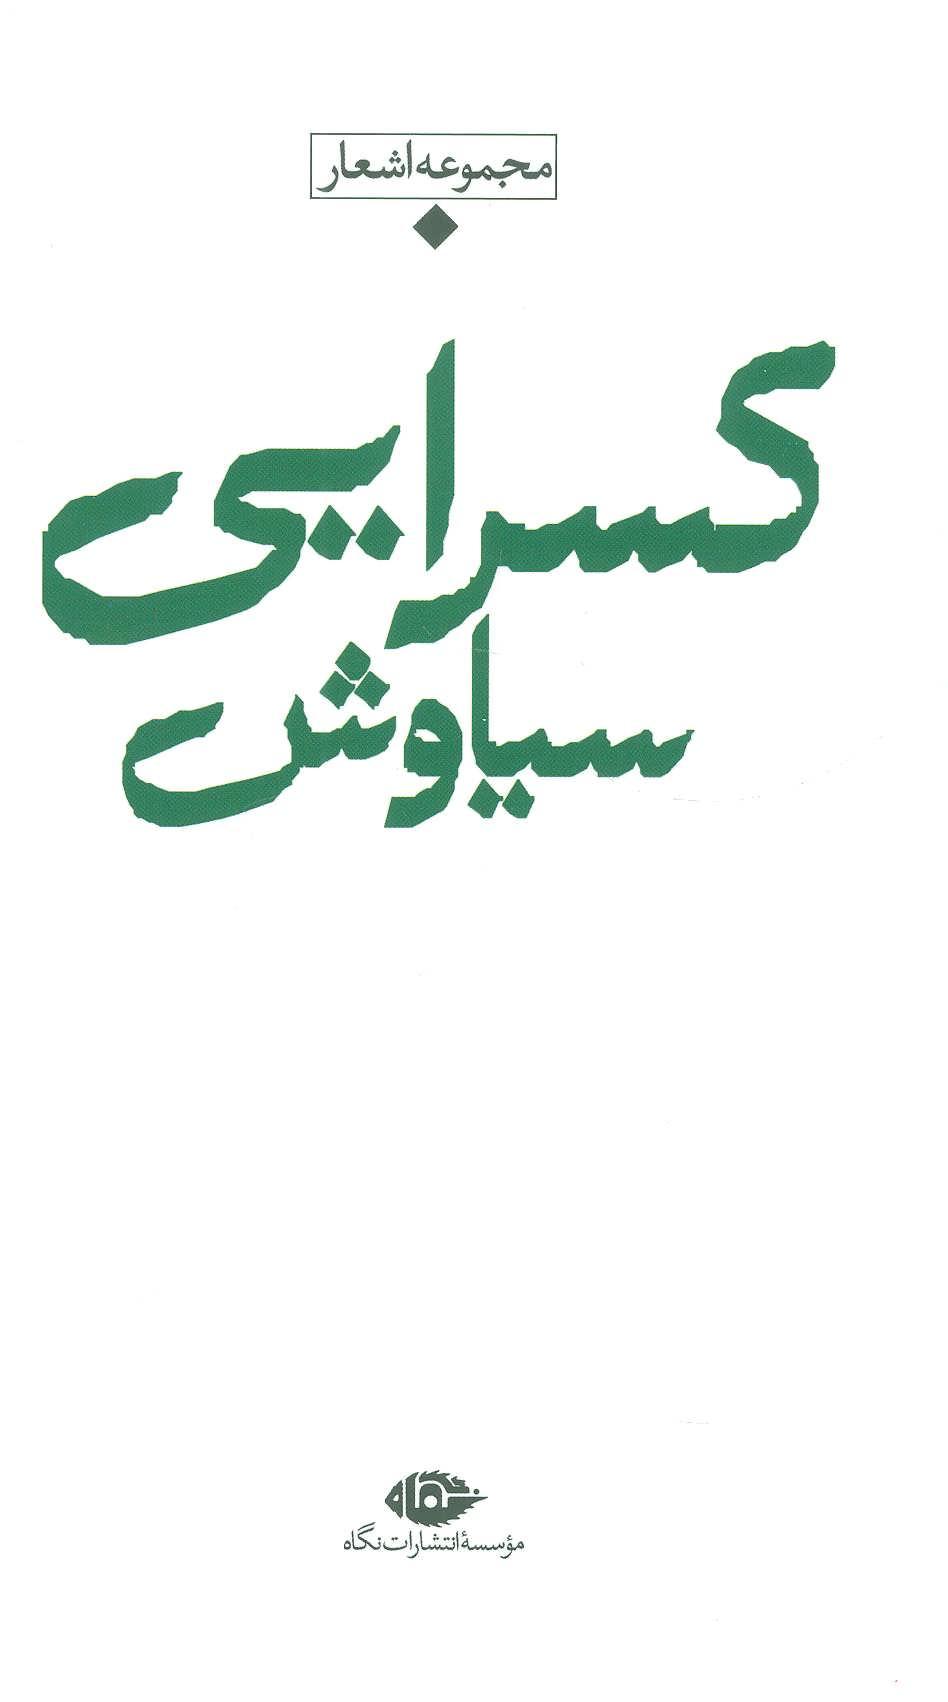 مجموعه اشعار سیاوش کسرایی (باران،شعر معاصر ایران)